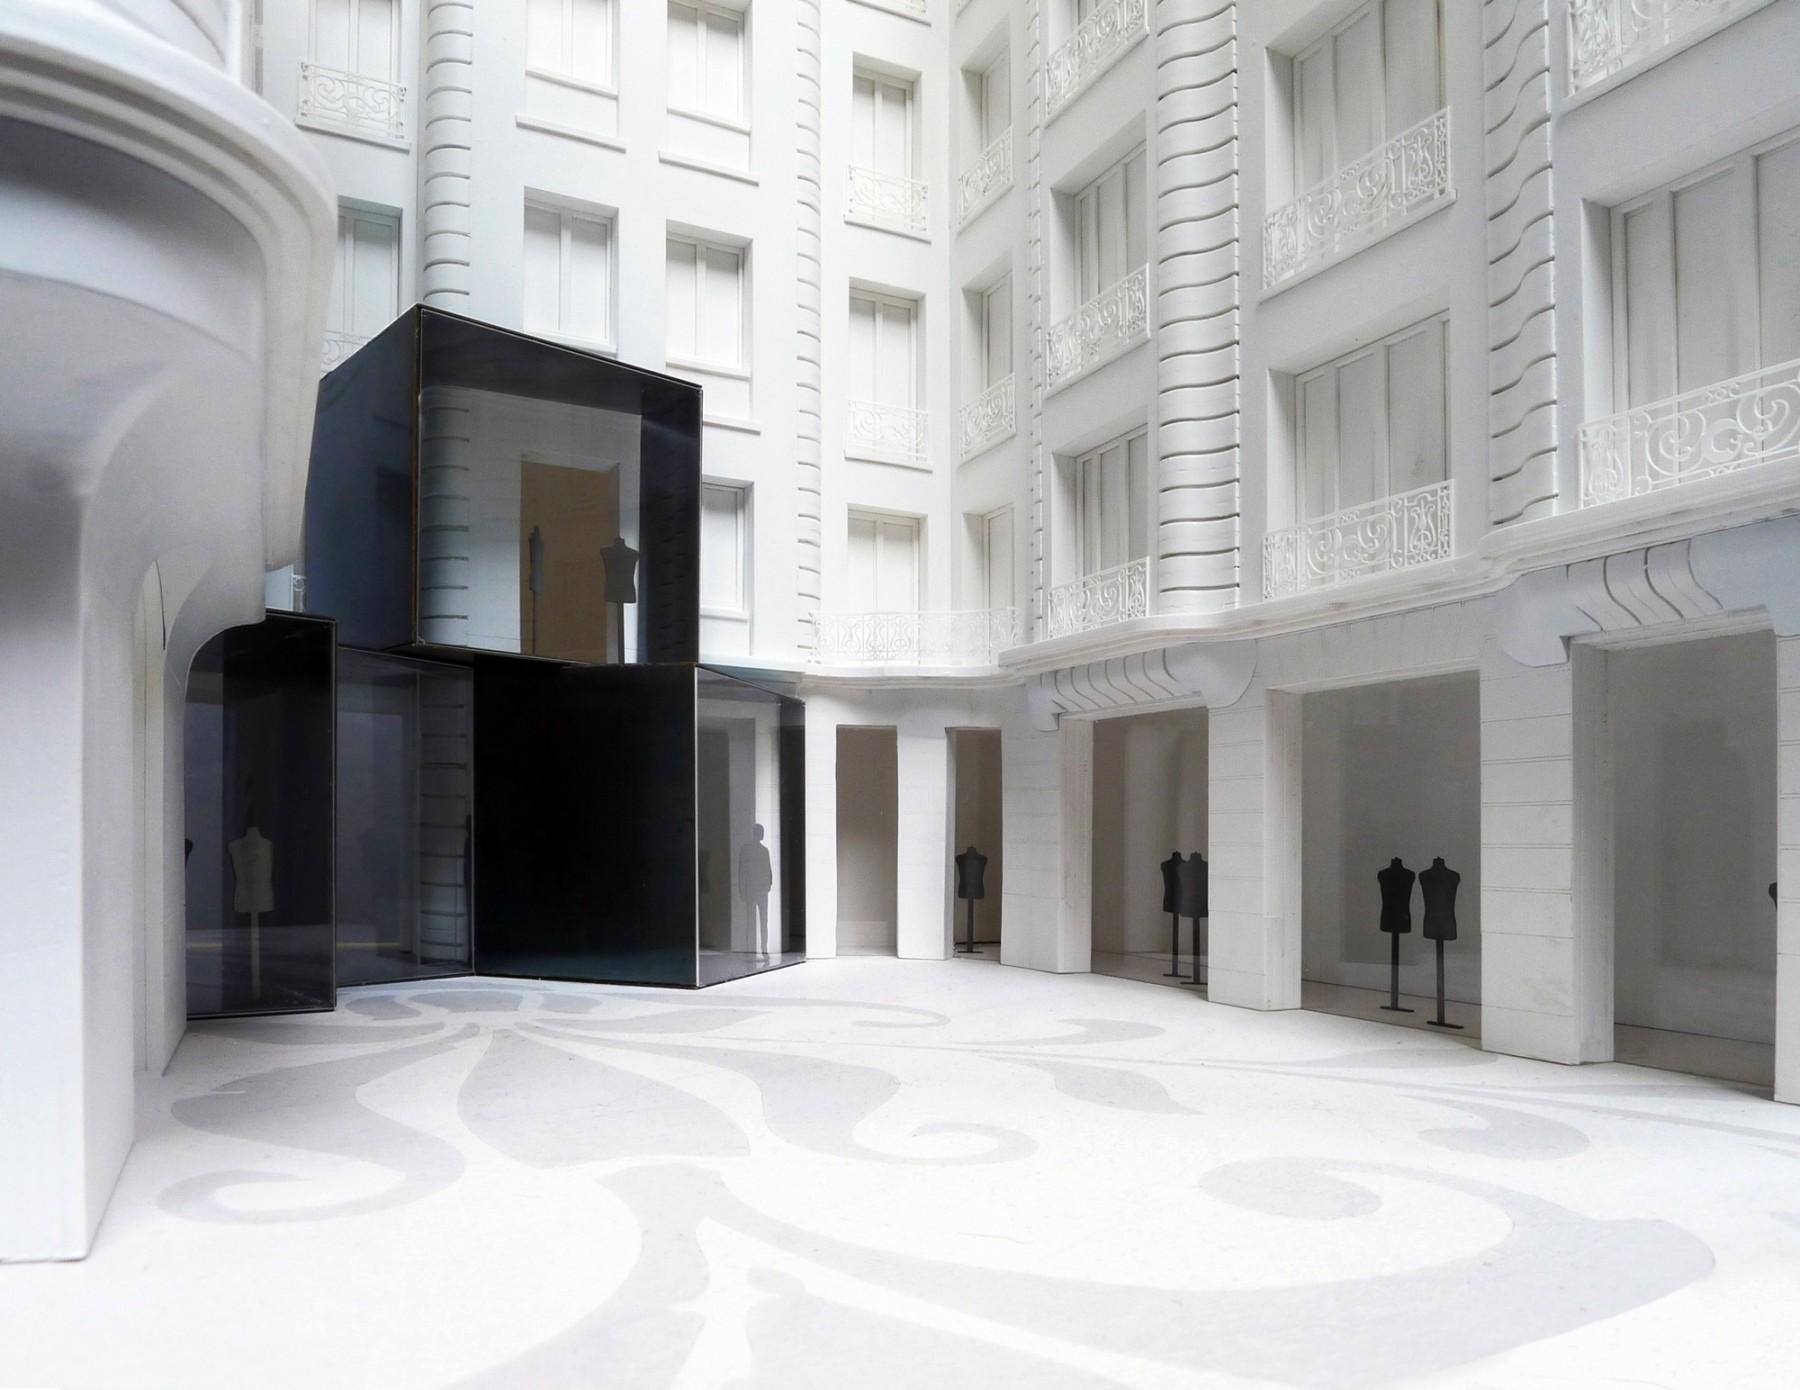 BHV-Galeries-Lafayette-Paris-retail-France-Hôtel-de-Ville-Department-store-shopping-Jamie-Fobert-Architects-model-3